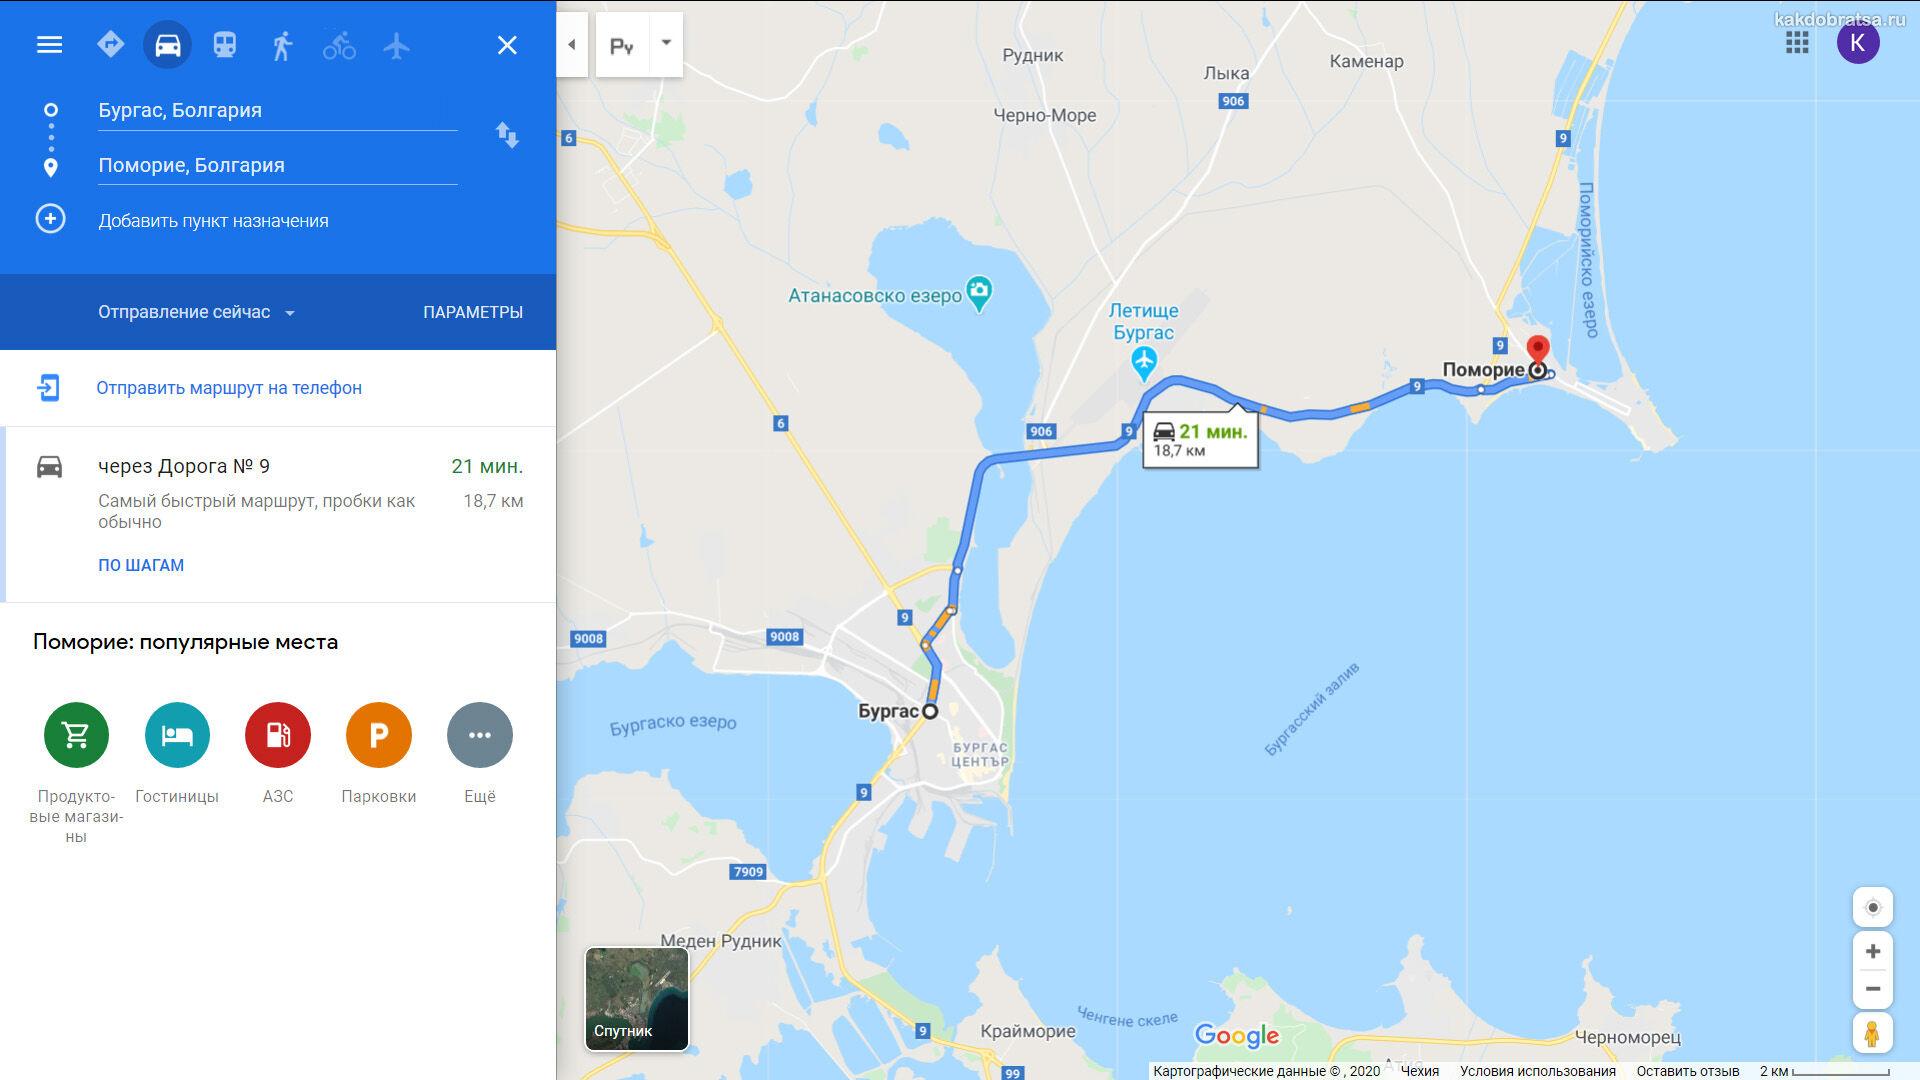 Как добраться из Бургаса в Поморие - маршрут